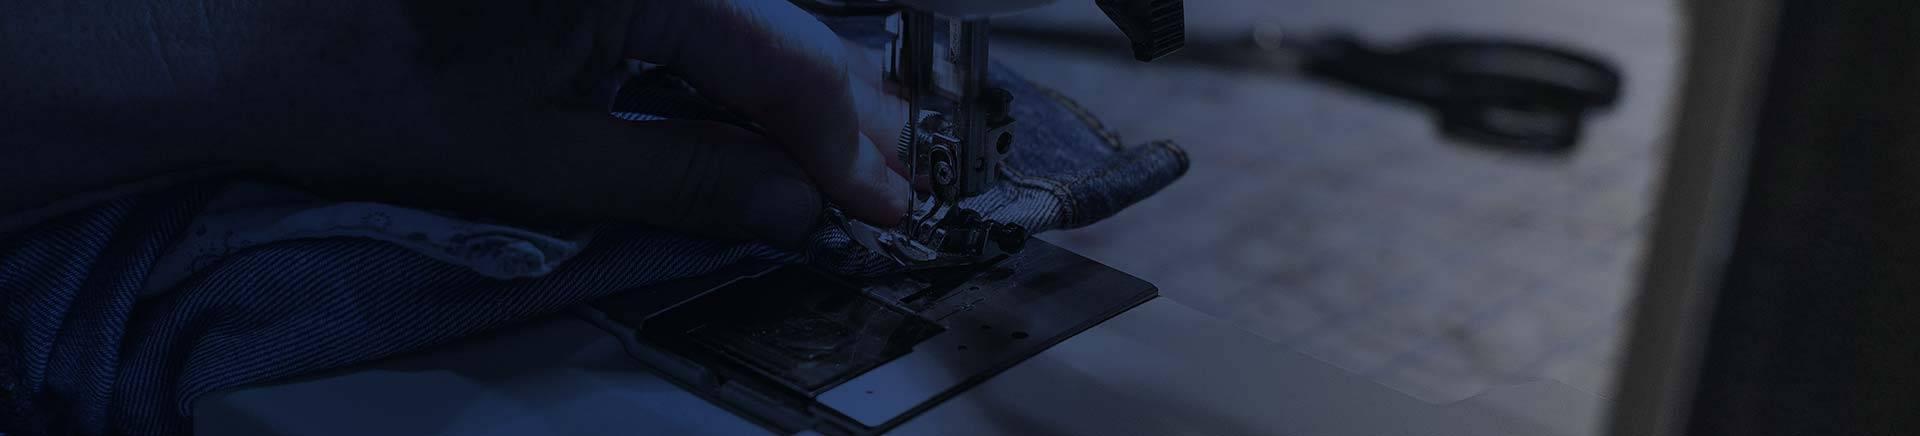 Nähmaschinennadeln online kaufen | JAVRO Stoffmarkt